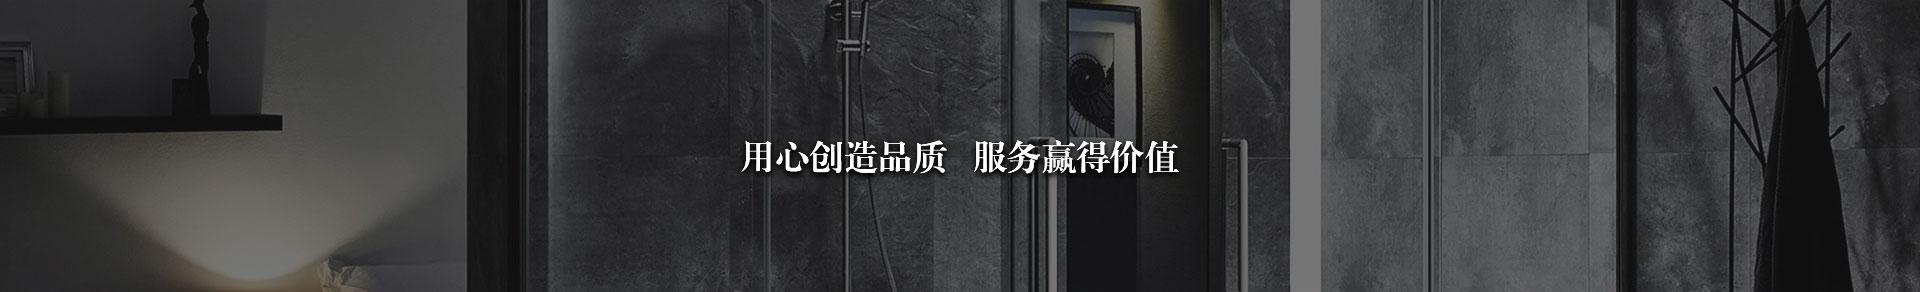 http://www.duoshengzm.com/data/images/slide/20190524101324_998.jpg